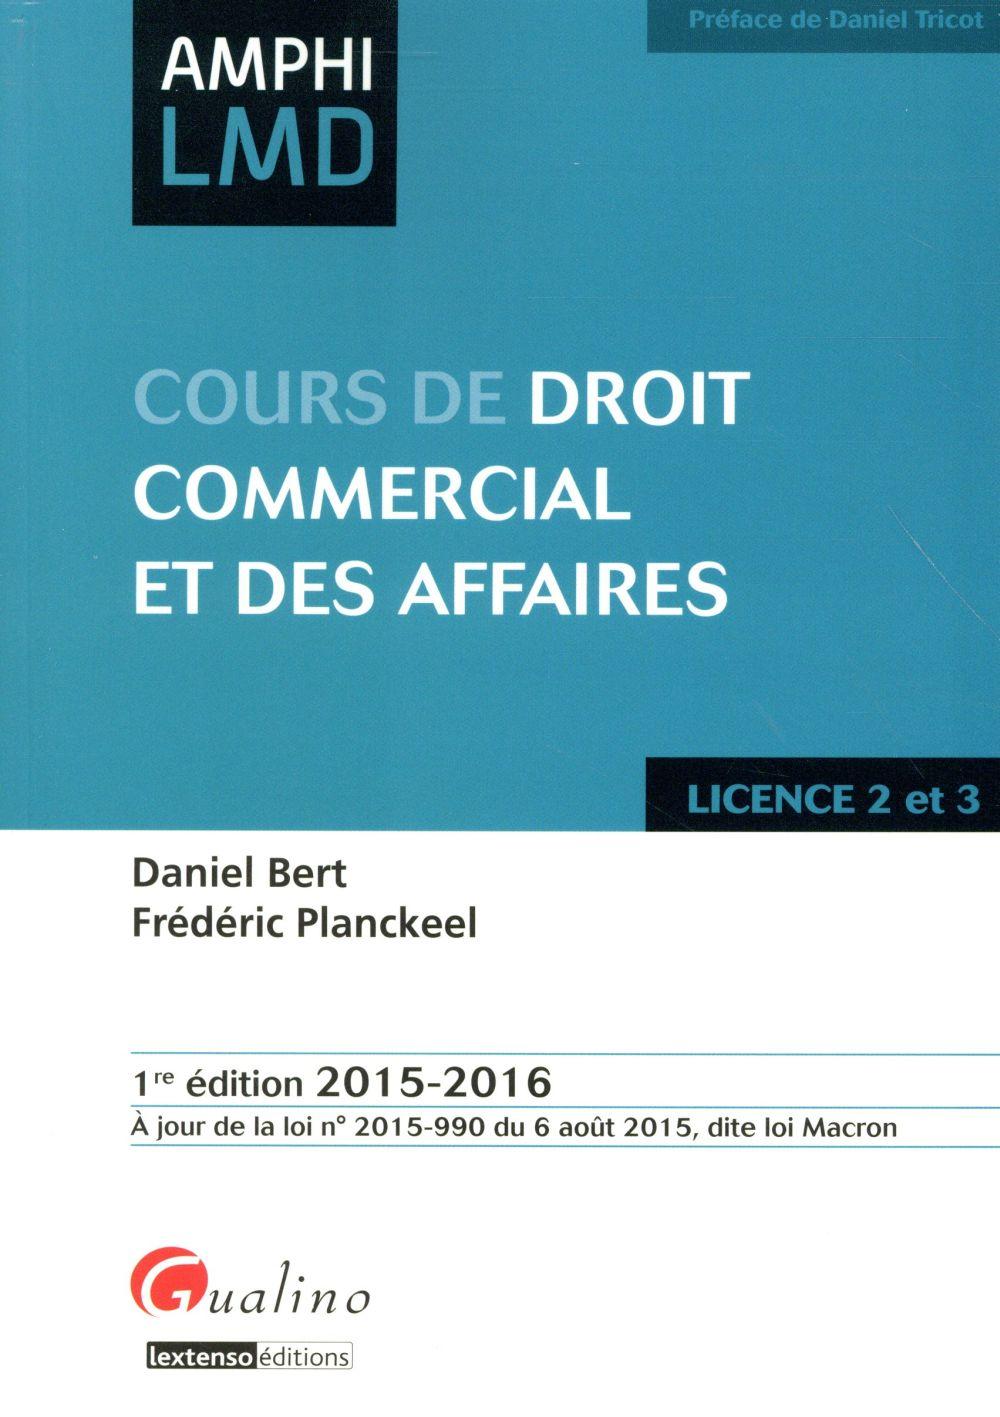 Droit commercial et des affaires ; licences 2 et 3 2015-2016 (1re édition)